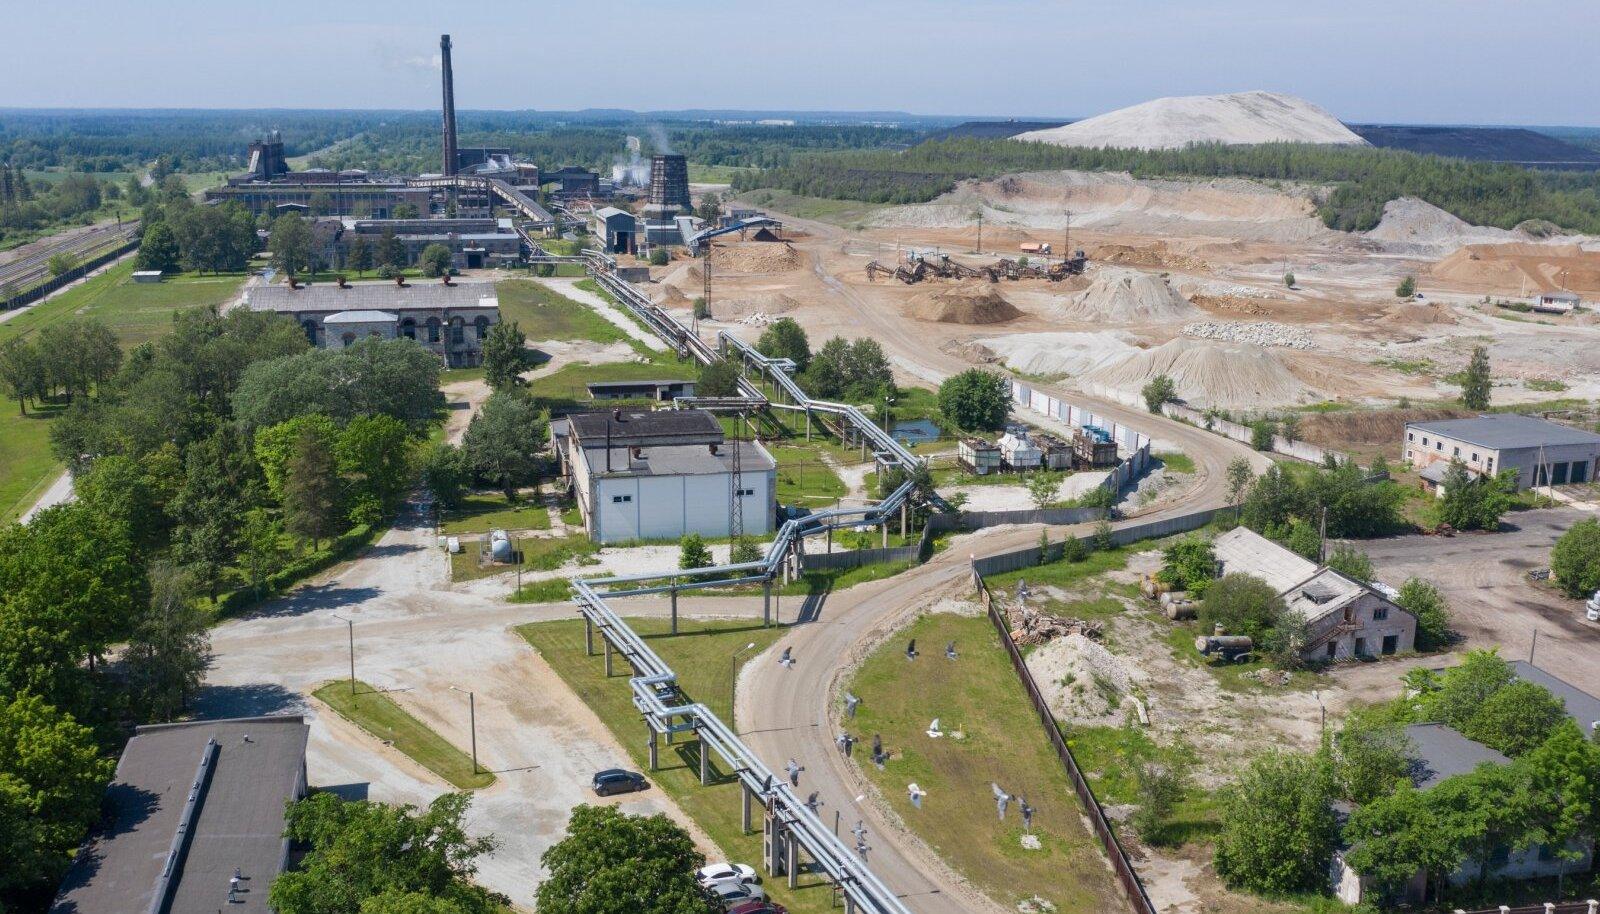 Riigilt saadava laenuga loodetakse õlitoodangu mahtu 2022. aastaks suurendada praeguselt 93 000 tonnilt 110 000 tonnile aastas.